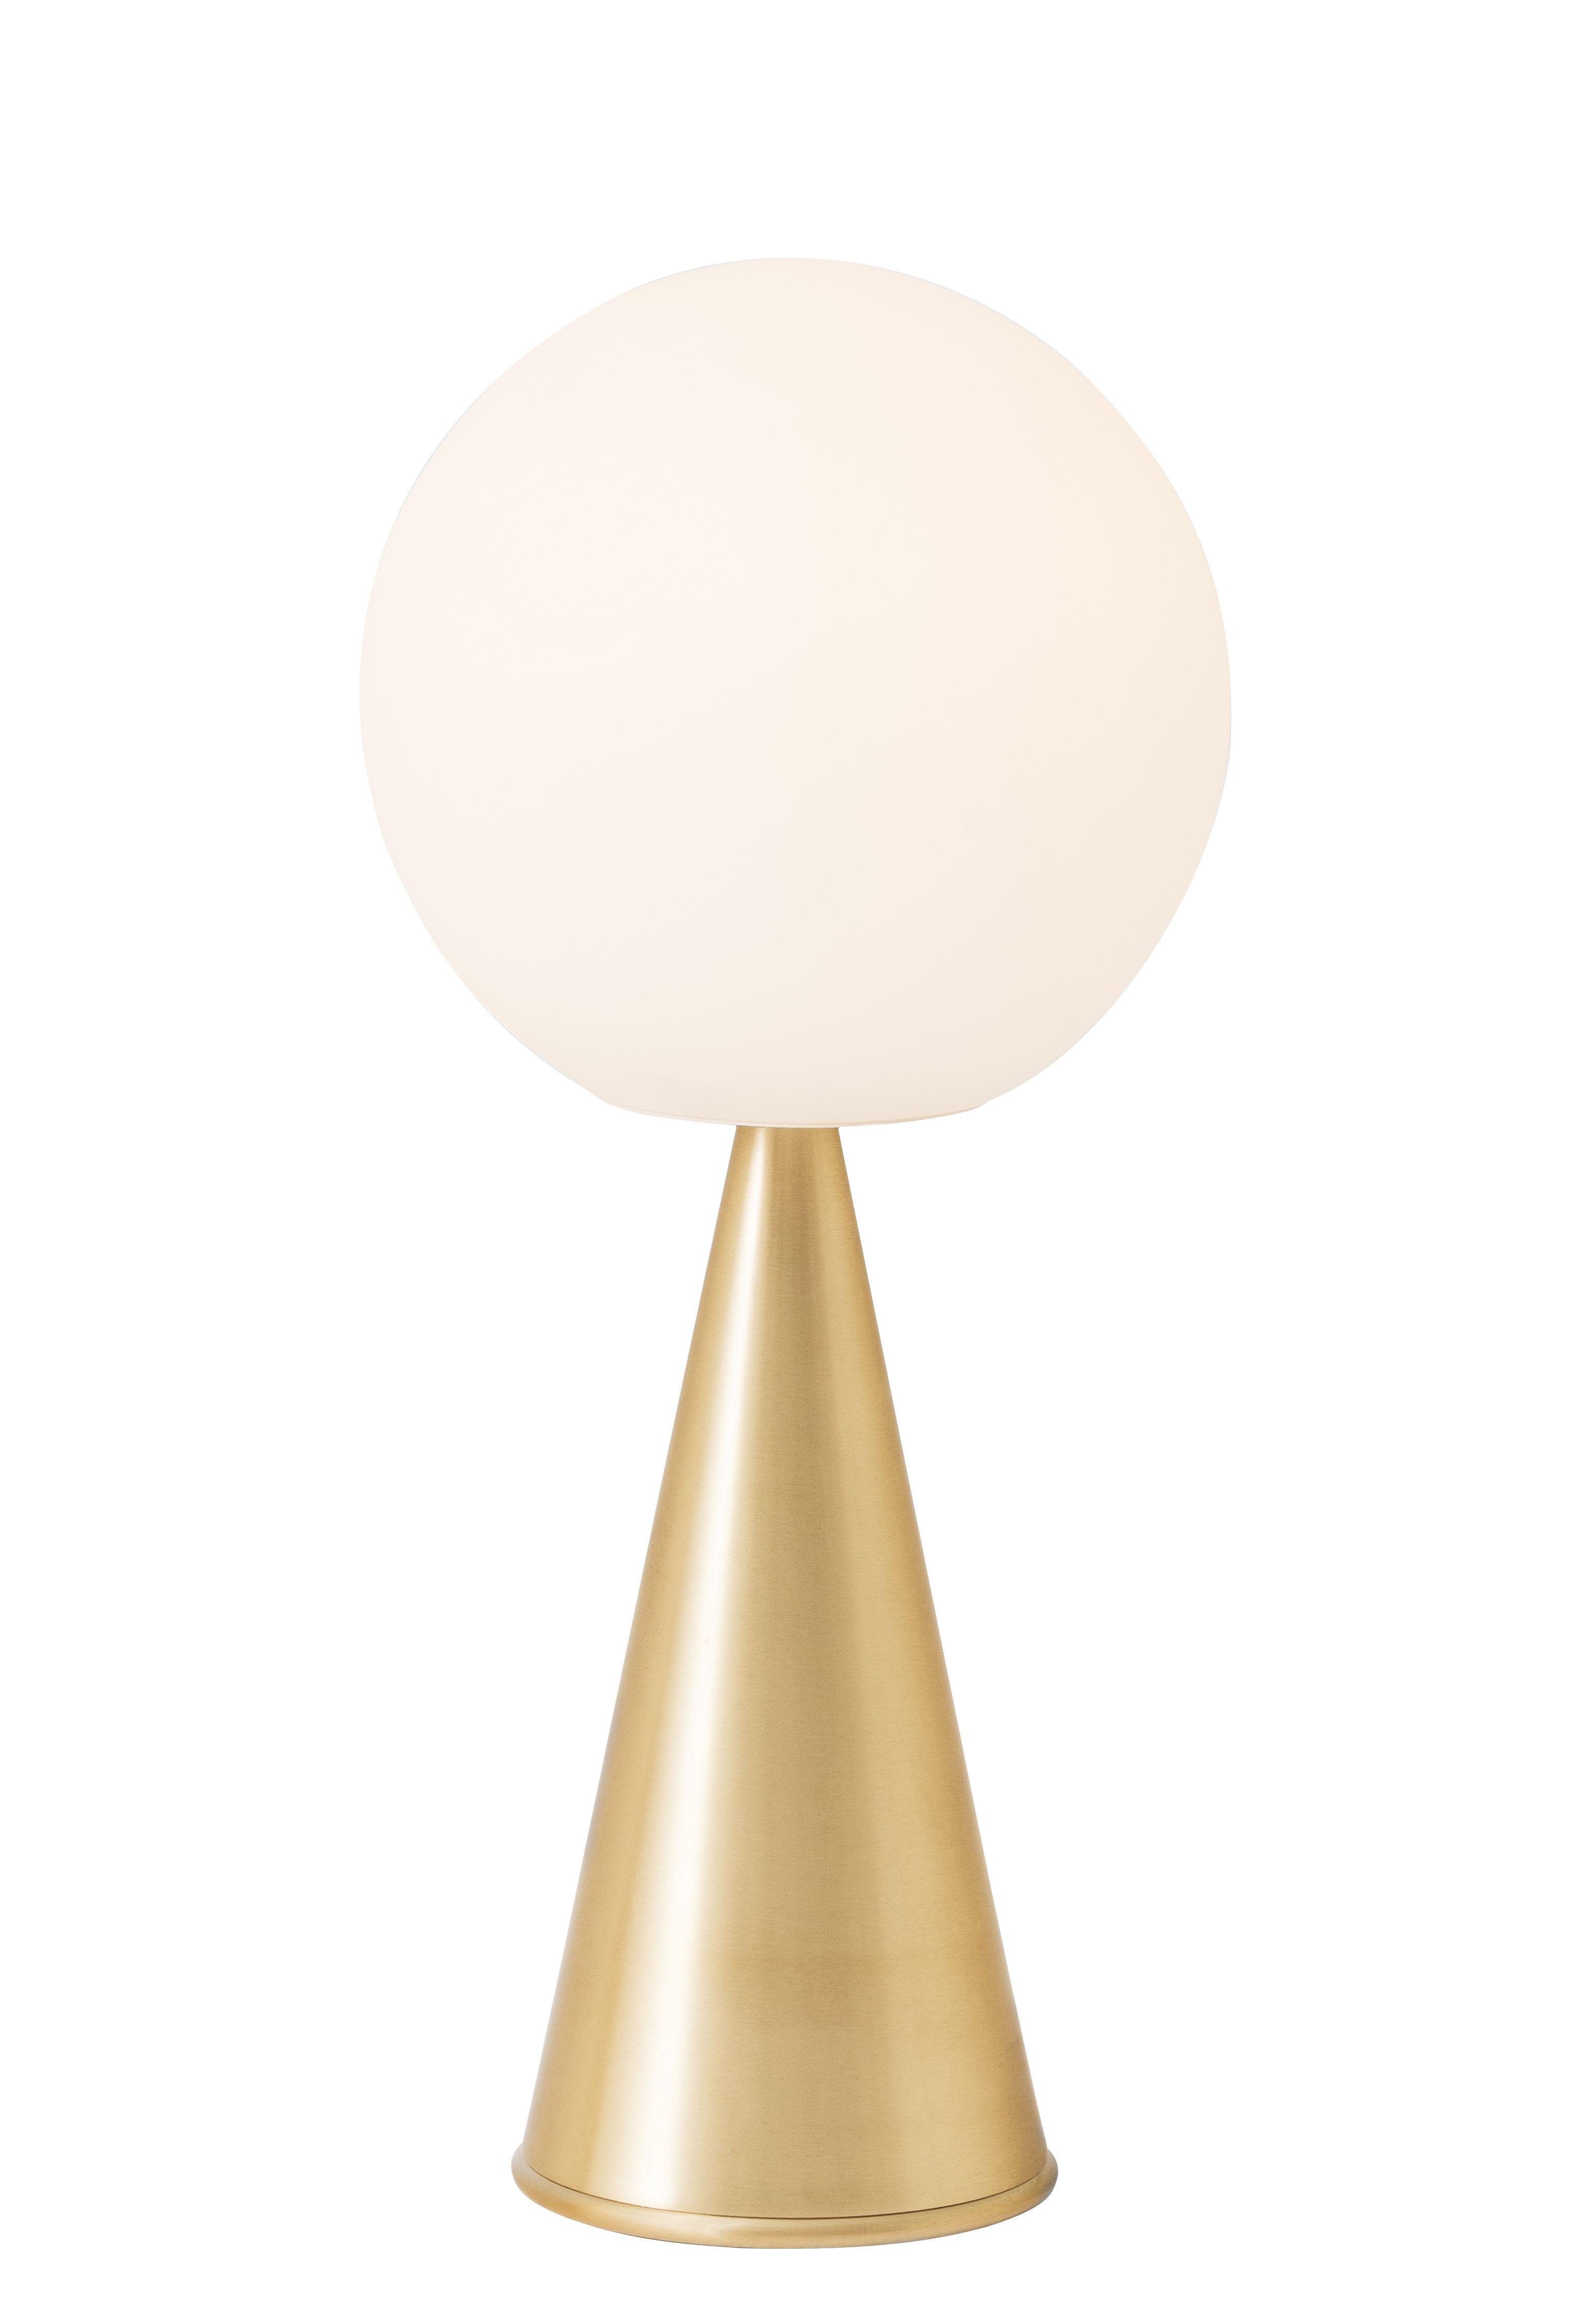 Luminaire - Lampes de table - Lampe à poser Bilia LED / H 43 cm - By Gio Ponti (1932) - Fontana Arte - Laiton - Métal, Verre soufflé satiné